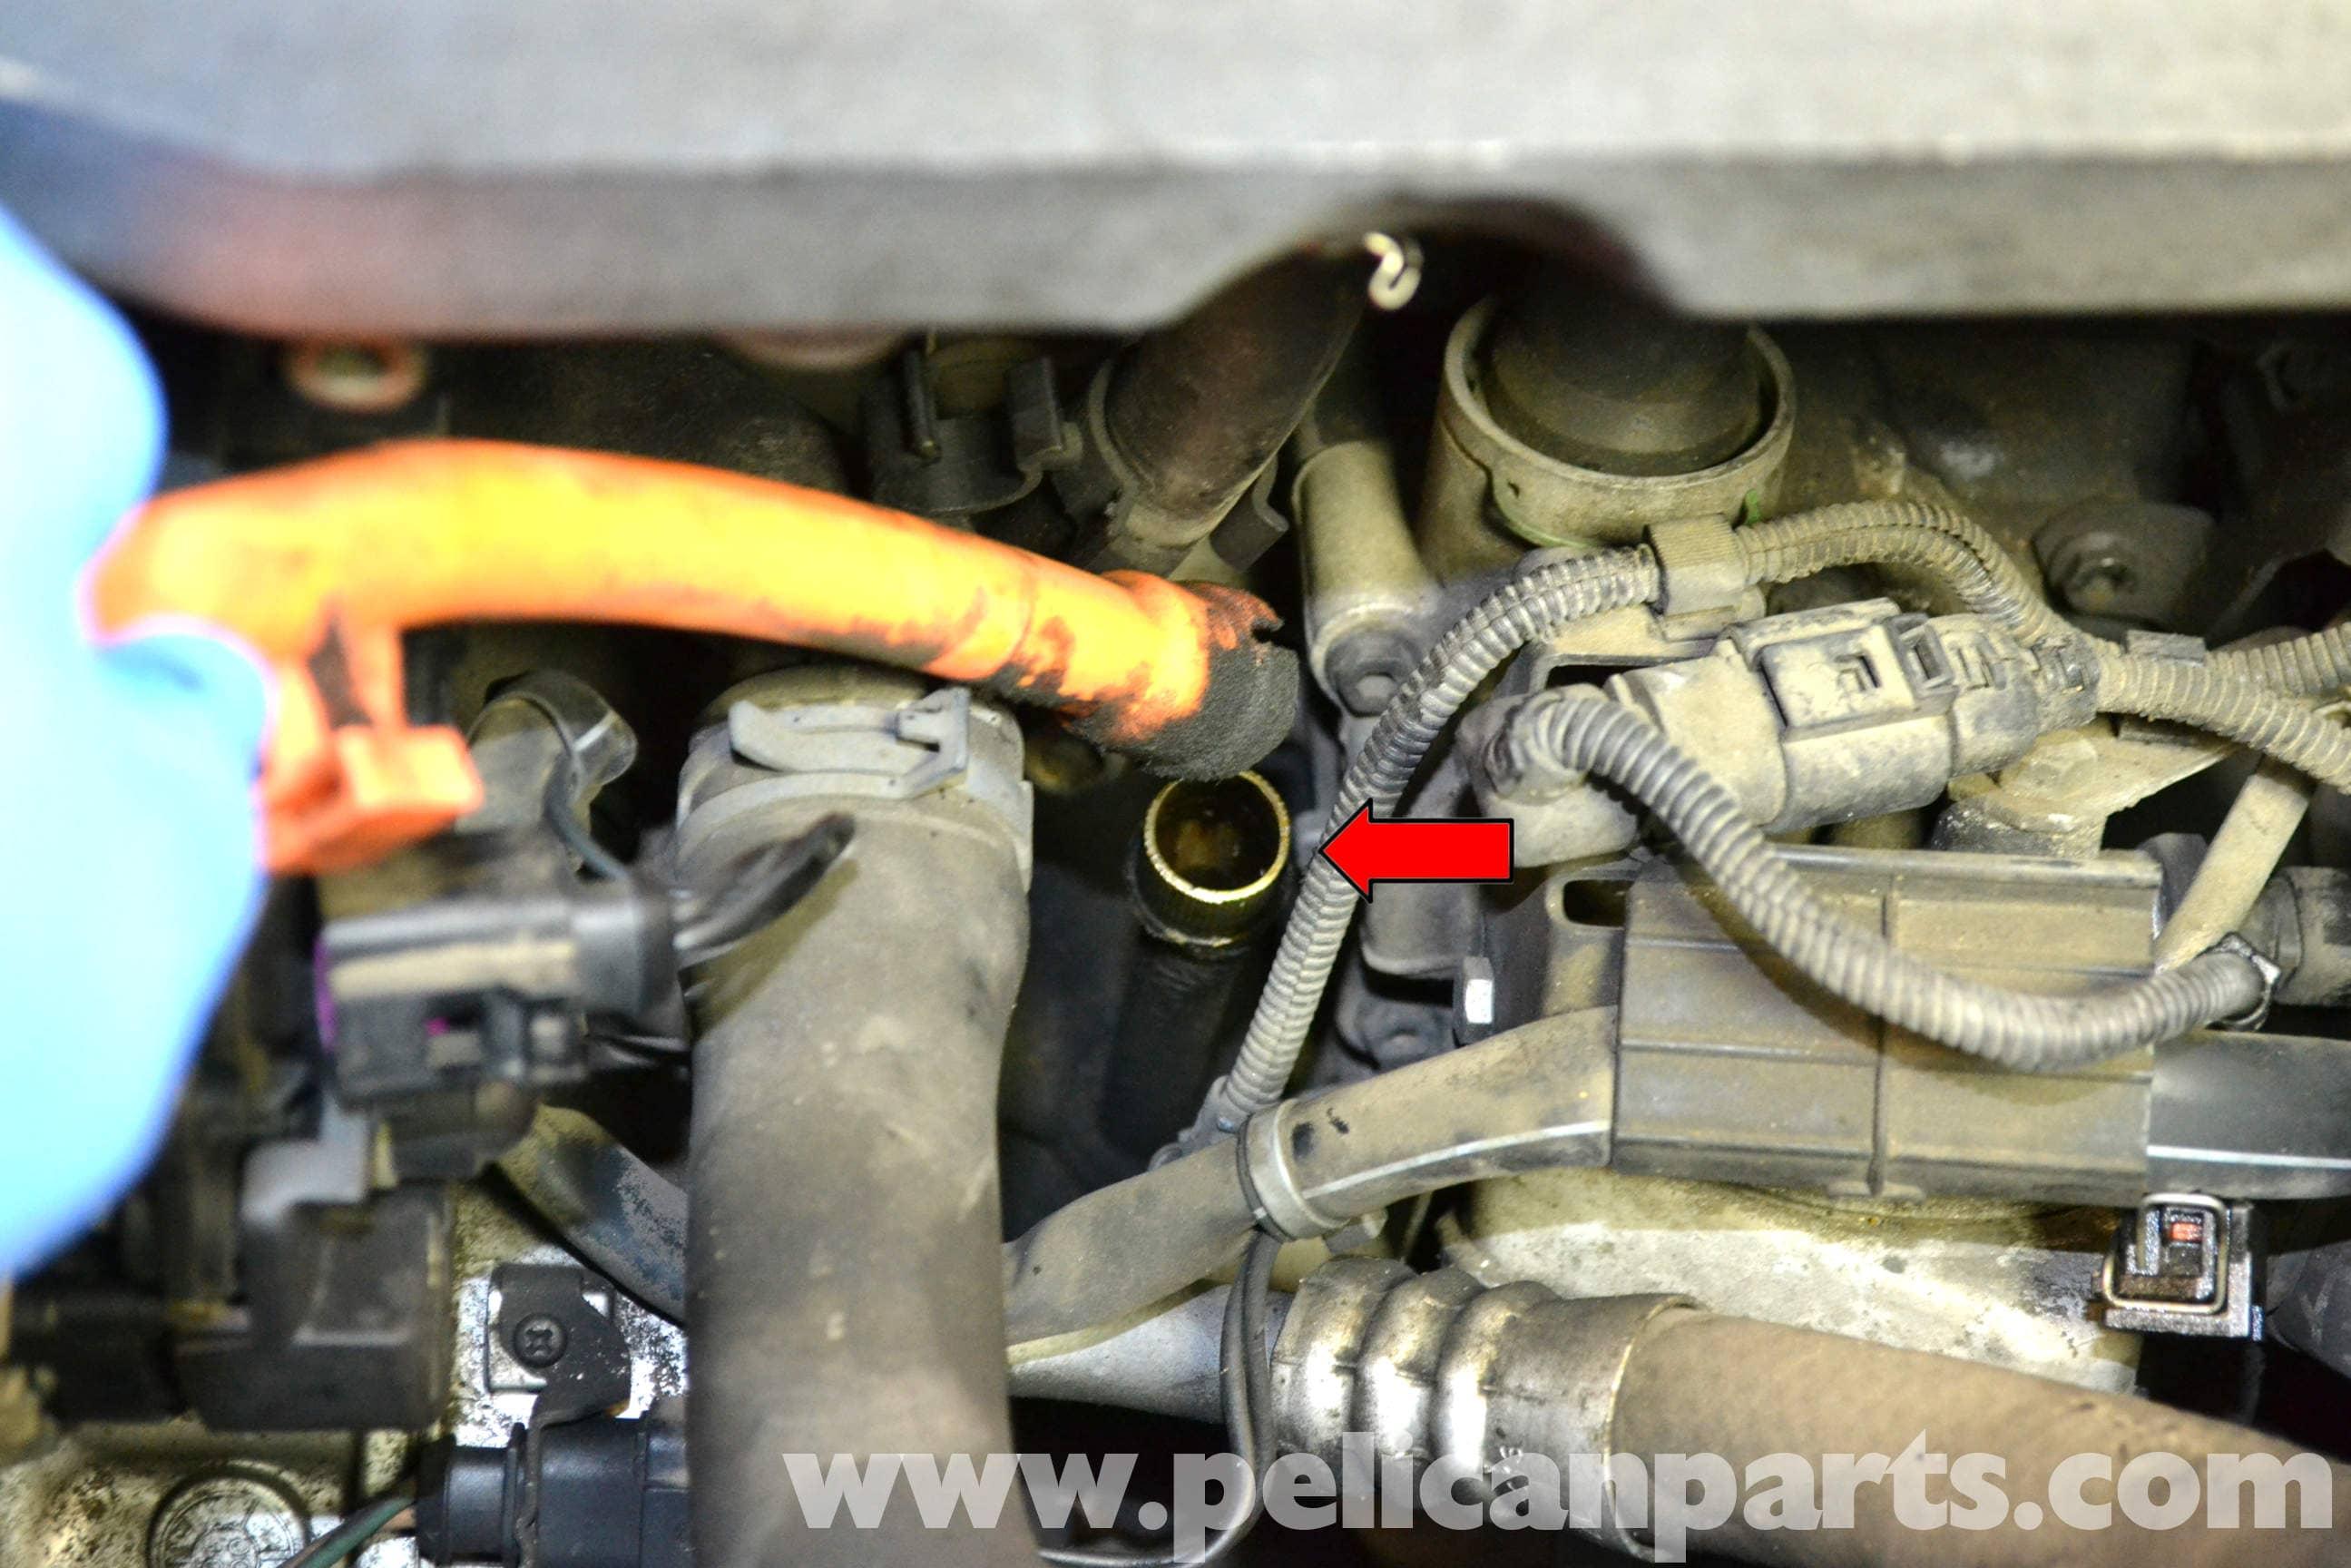 2001 Dakota Rear Bumper Wiring Diagram Get Free Image About Wiring